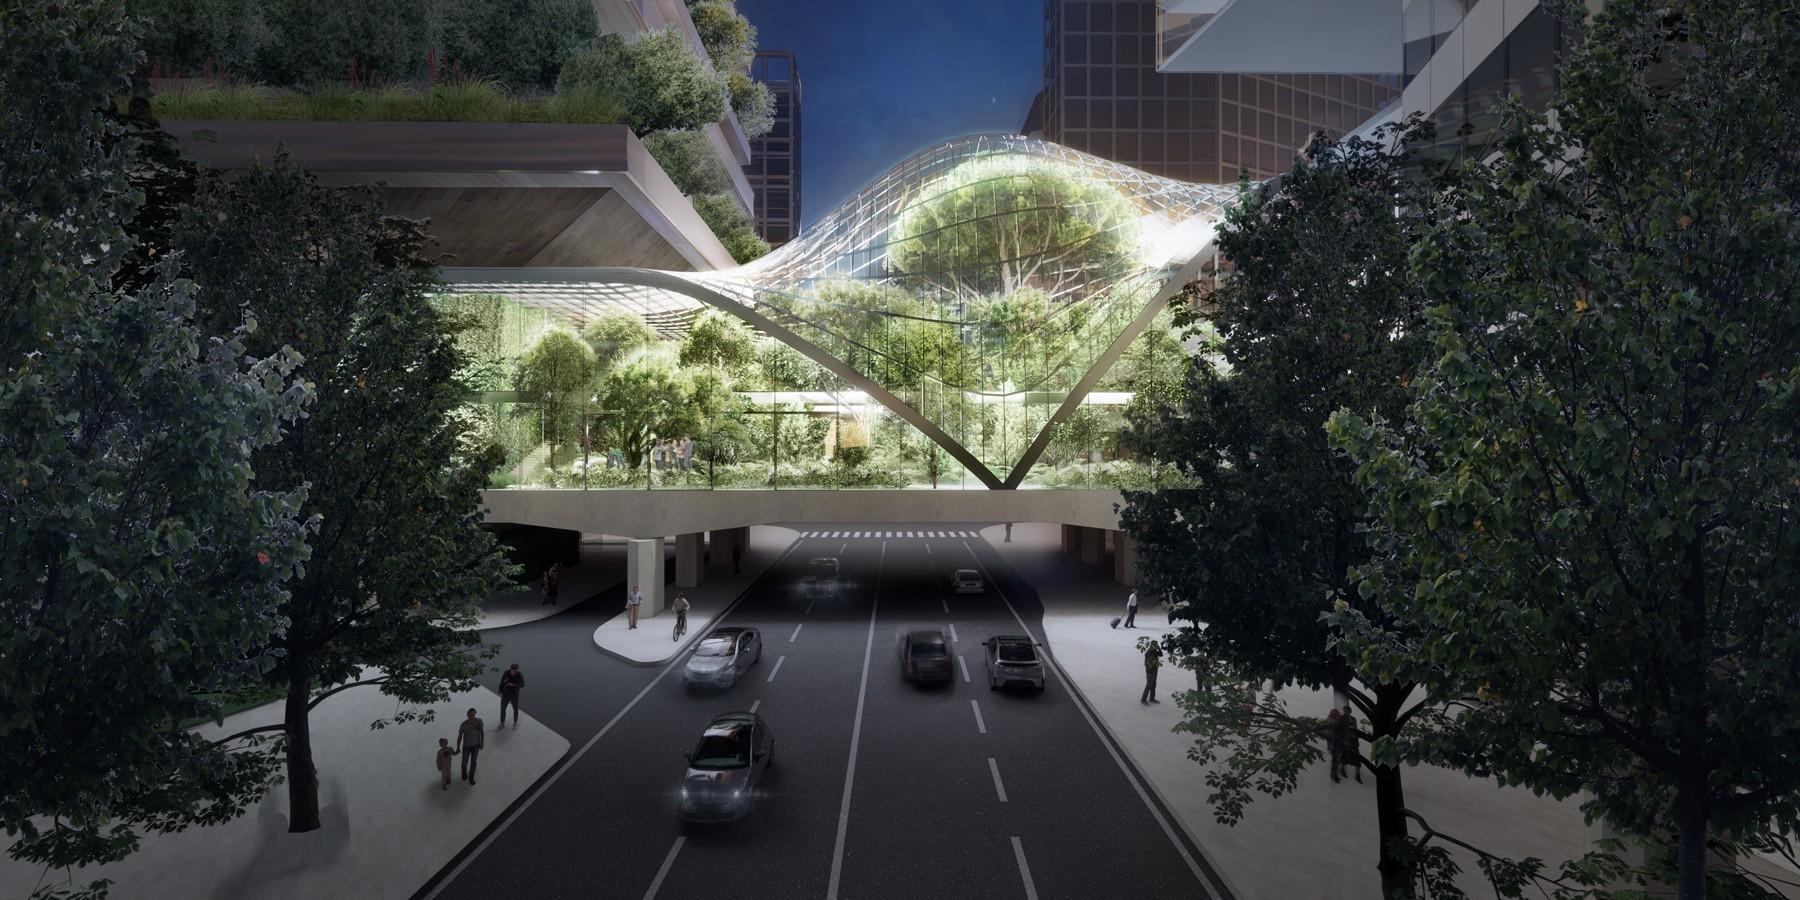 Torre botanica e ponte-serra per Pirelli 39: svelato il progetto di Stefano Boeri Architetti - Diller Scofidio + Renfro